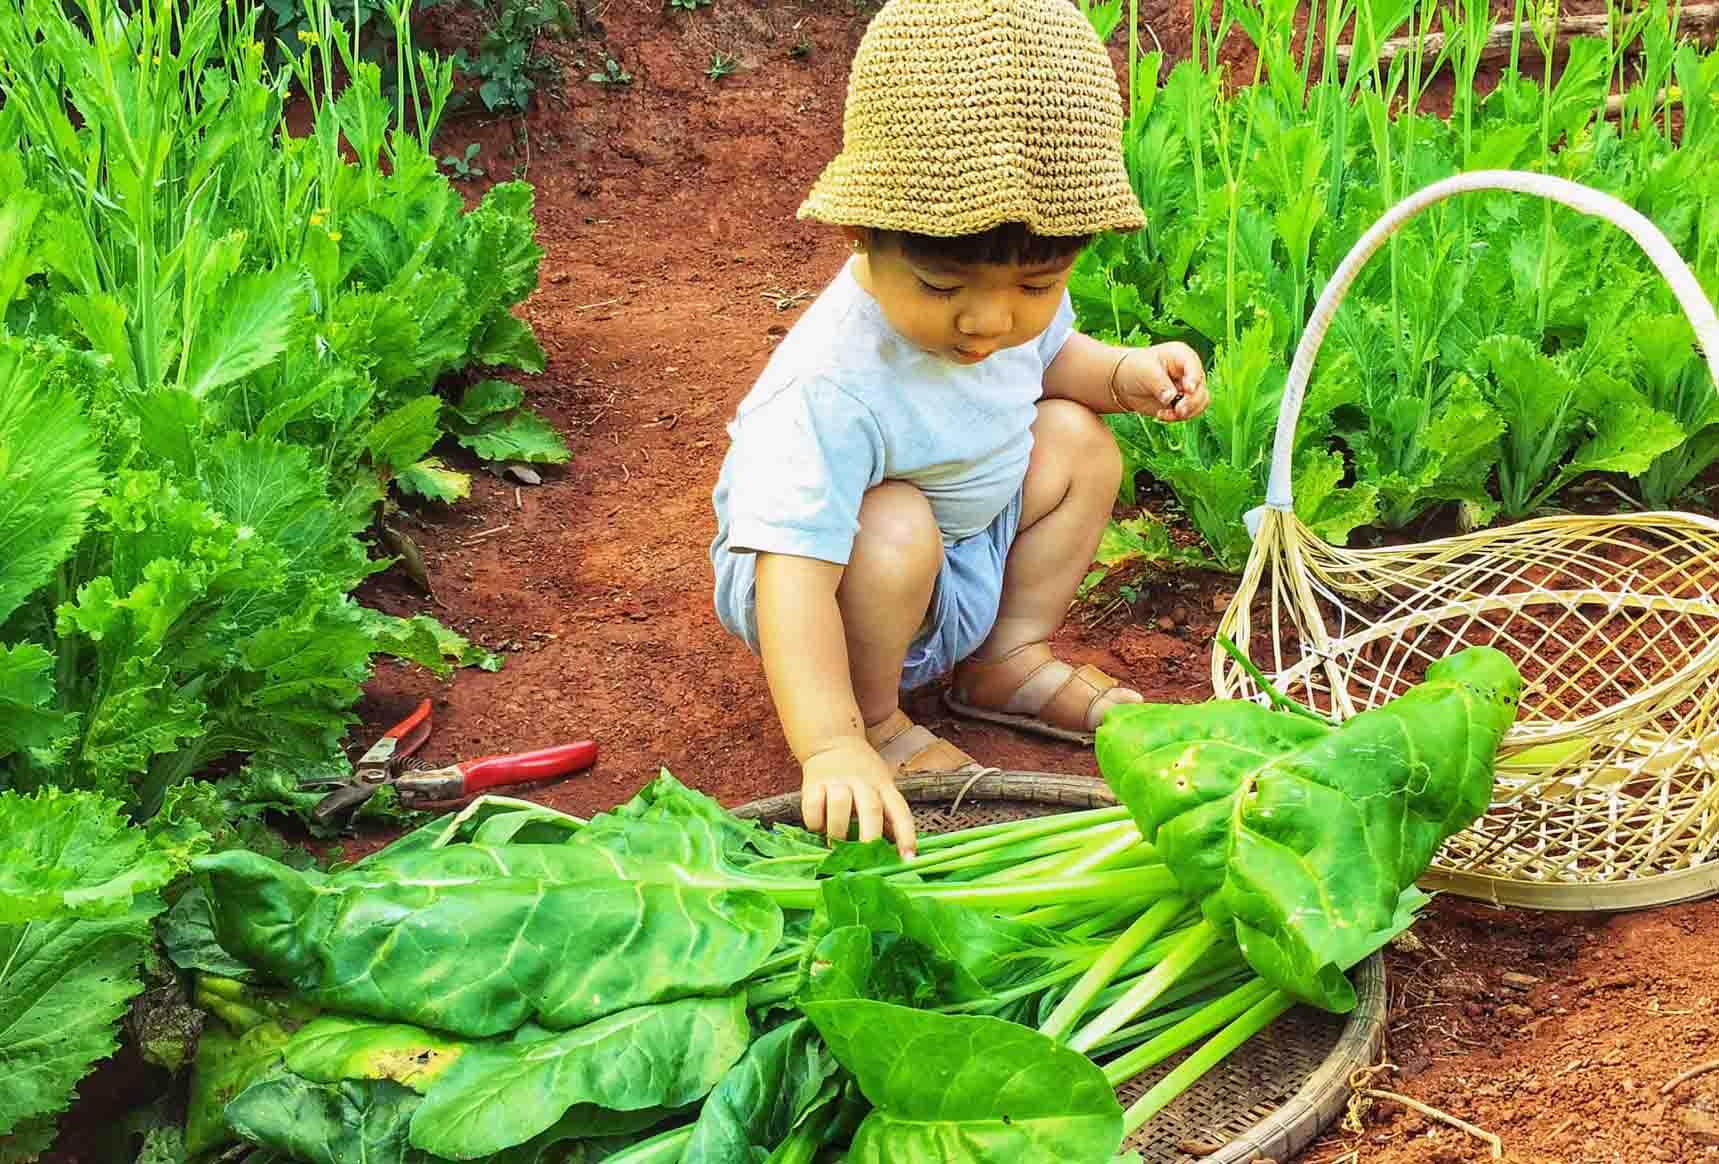 """Cầm 200 triệu đồng """"bỏ phố về quê"""", 9X thành nông dân chăm vườn rau trái ai nhìn cũng mê - 11"""